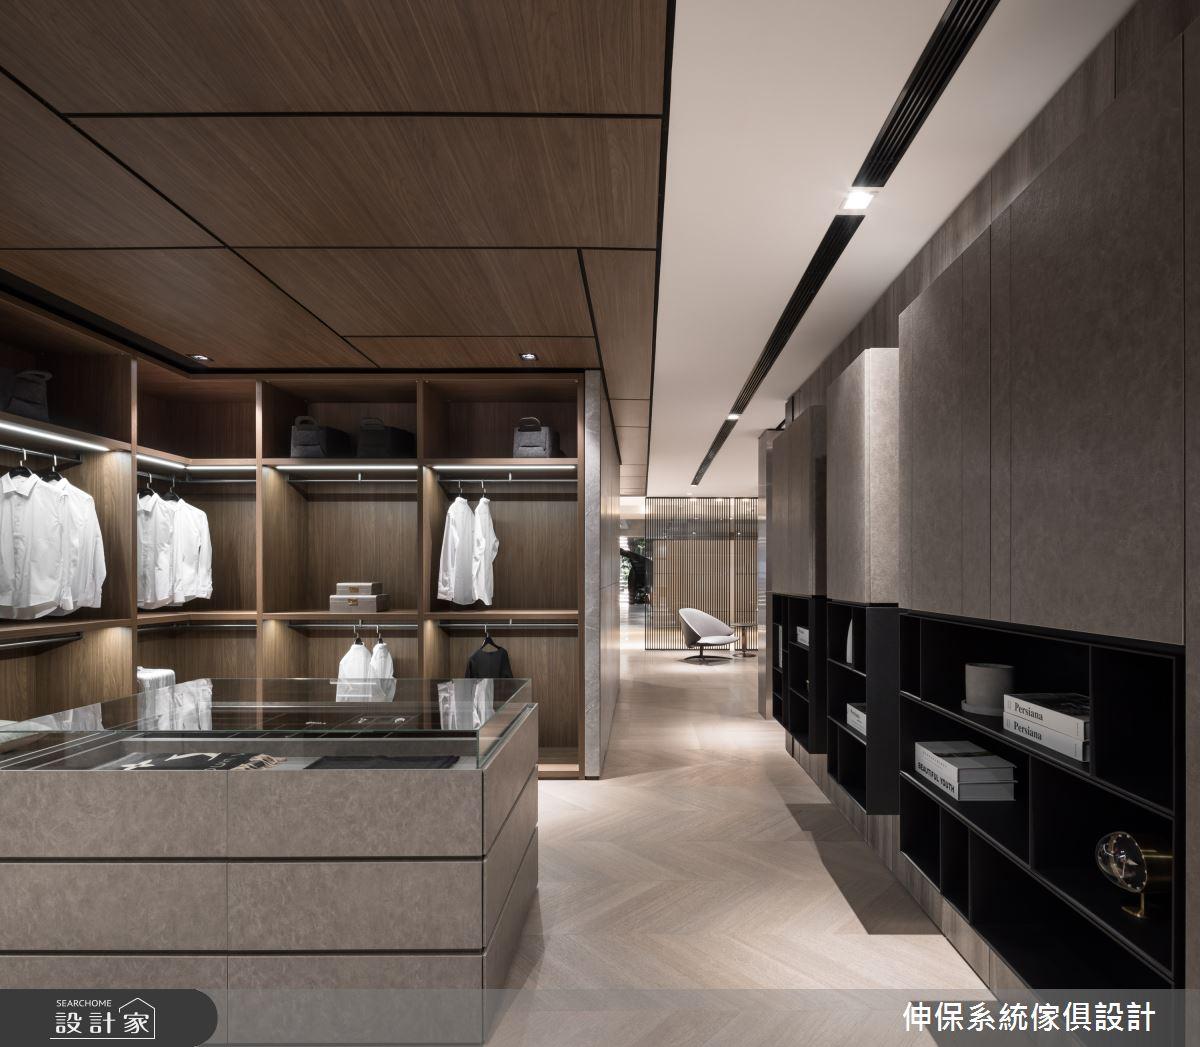 40坪_現代風商業空間案例圖片_伸保系統傢俱設計_伸保_25之9